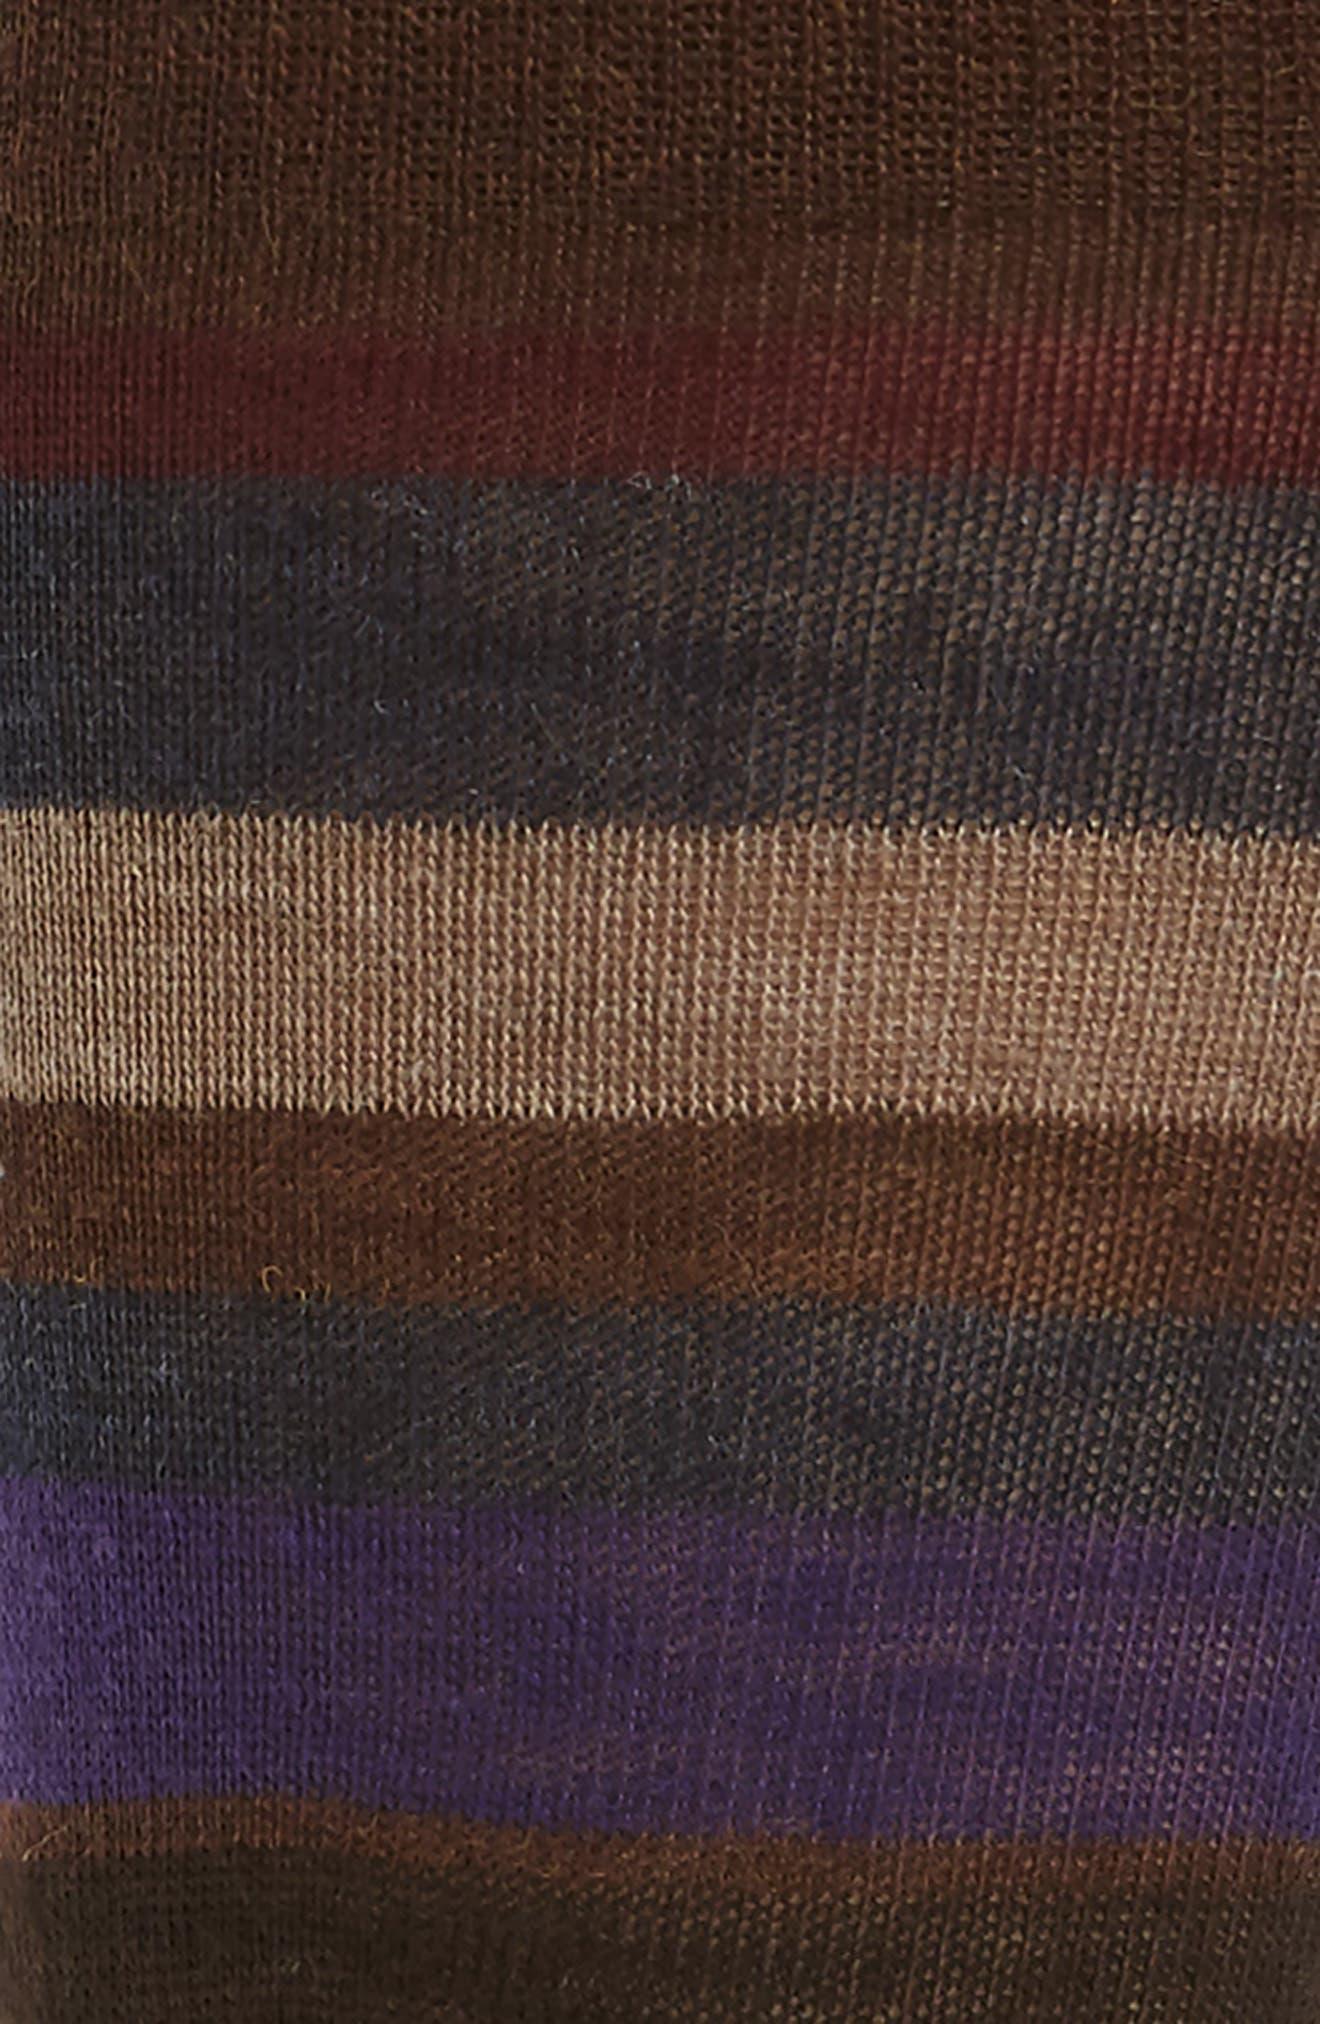 Multistripe Socks,                             Alternate thumbnail 4, color,